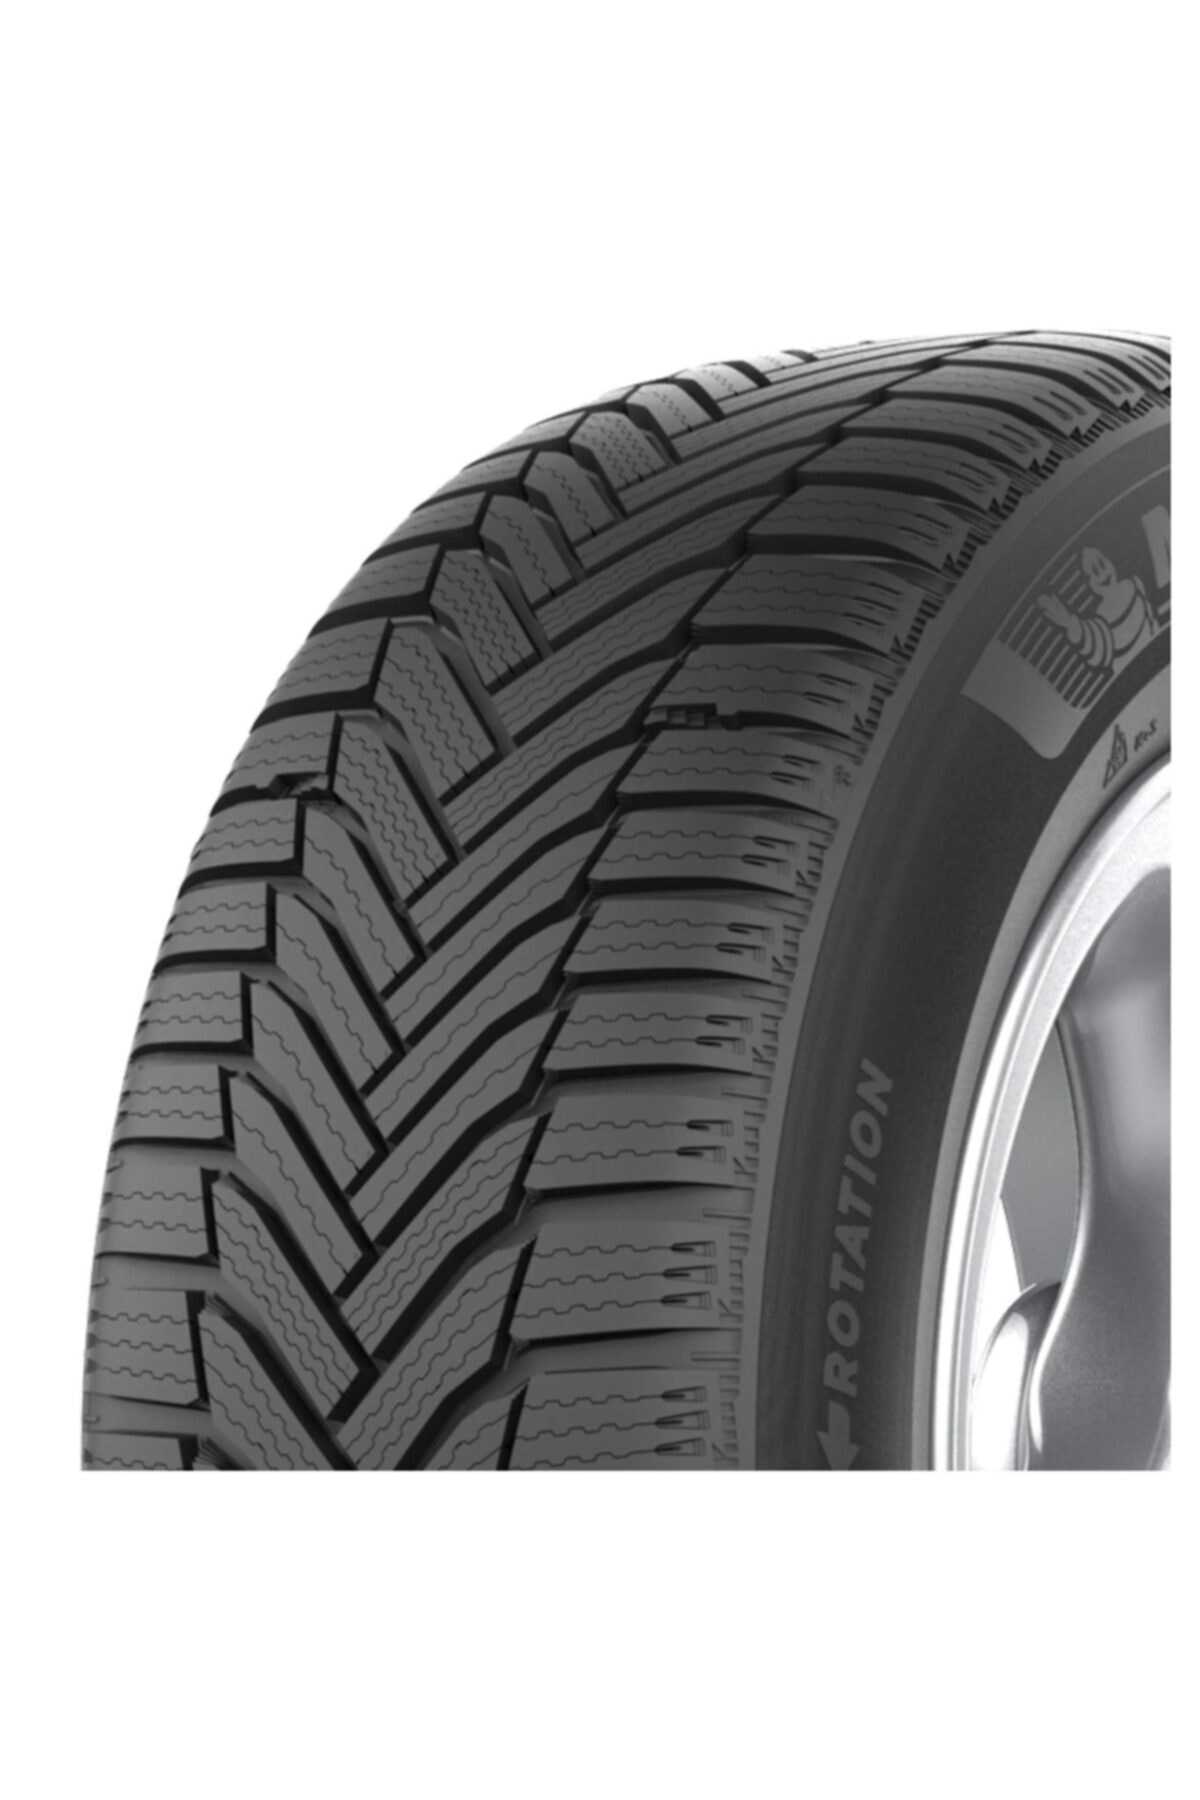 Michelin 195/65r15 91t Alpin 6 Mı Kış Lastiği (2020) 1